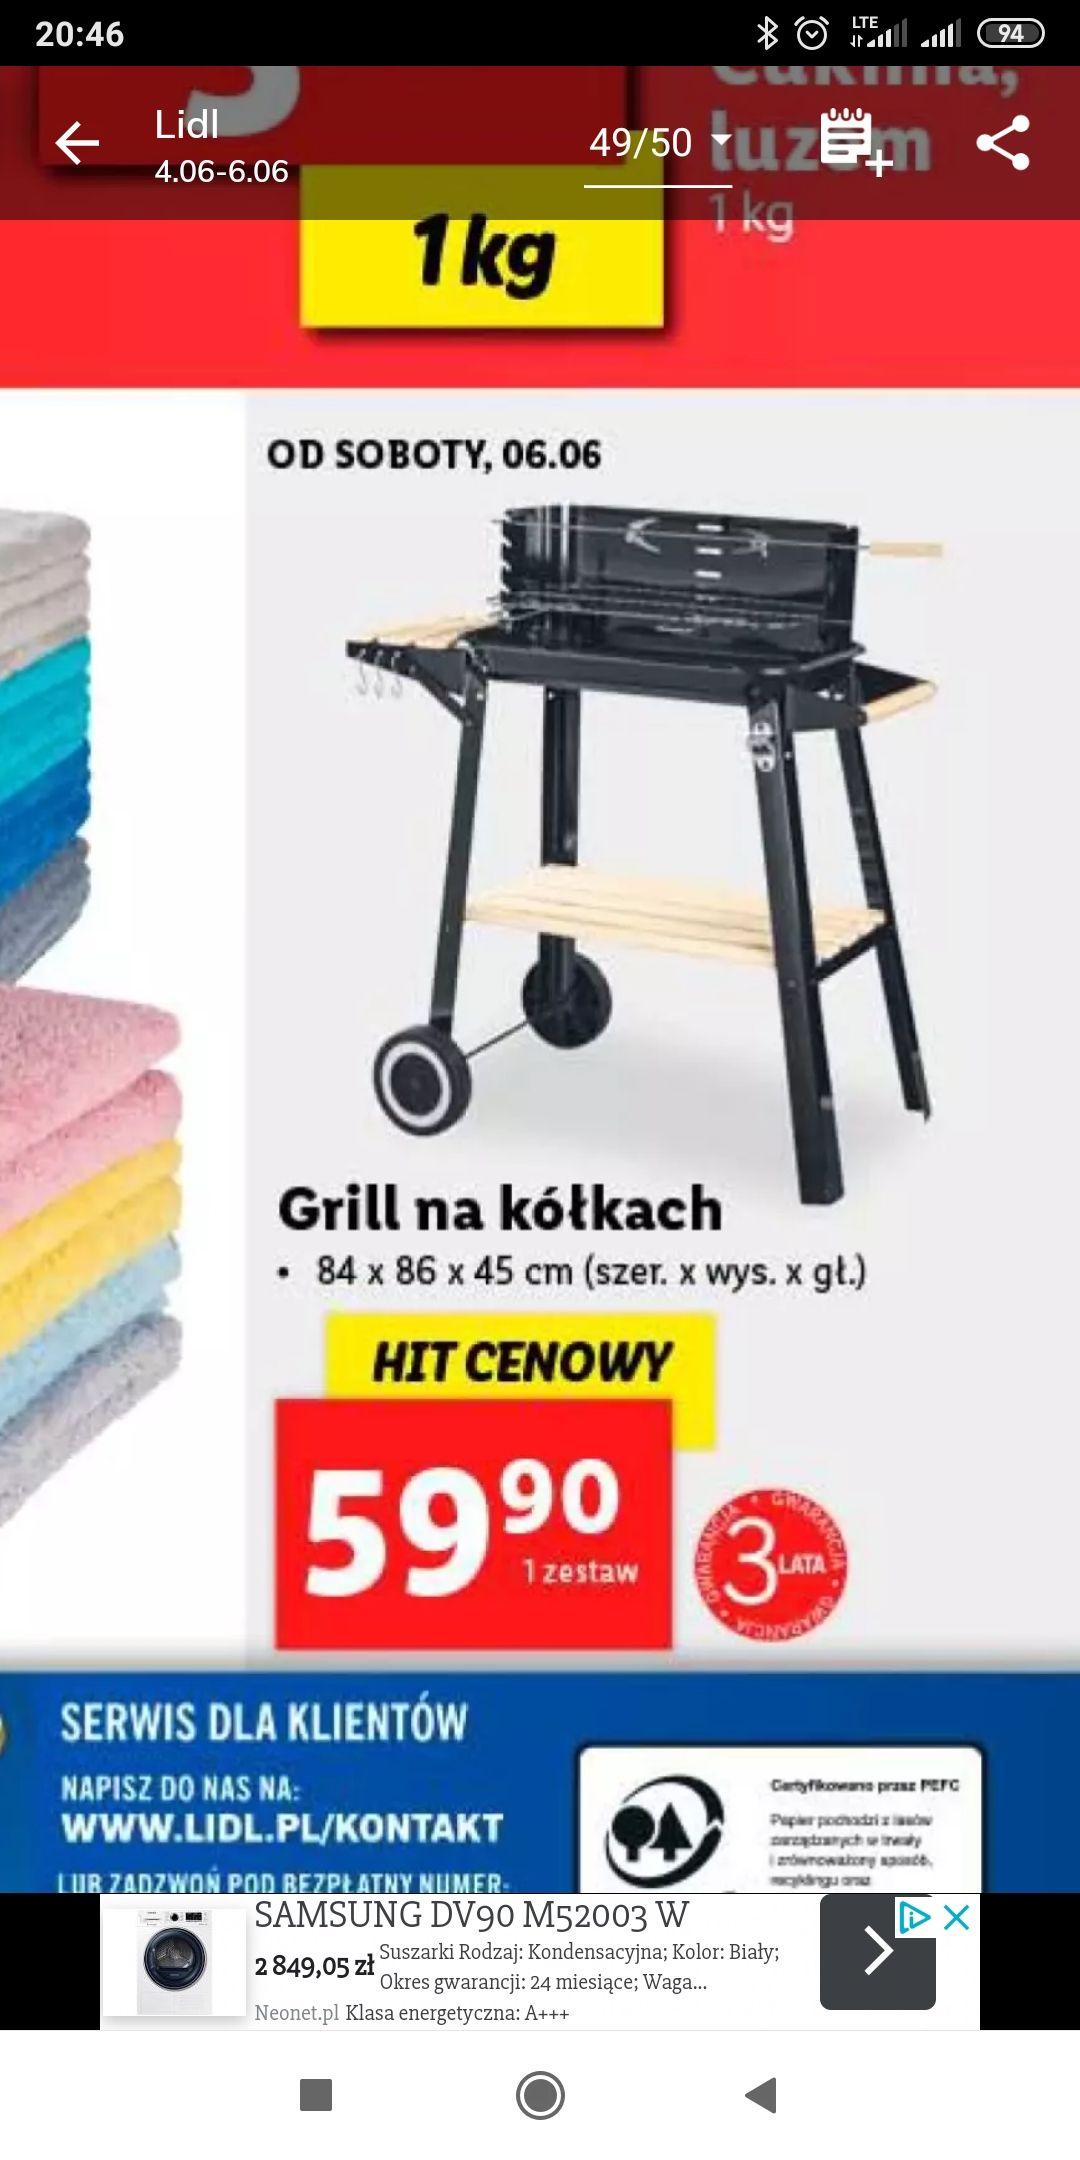 Budżetowy grill na kółkach Lidl